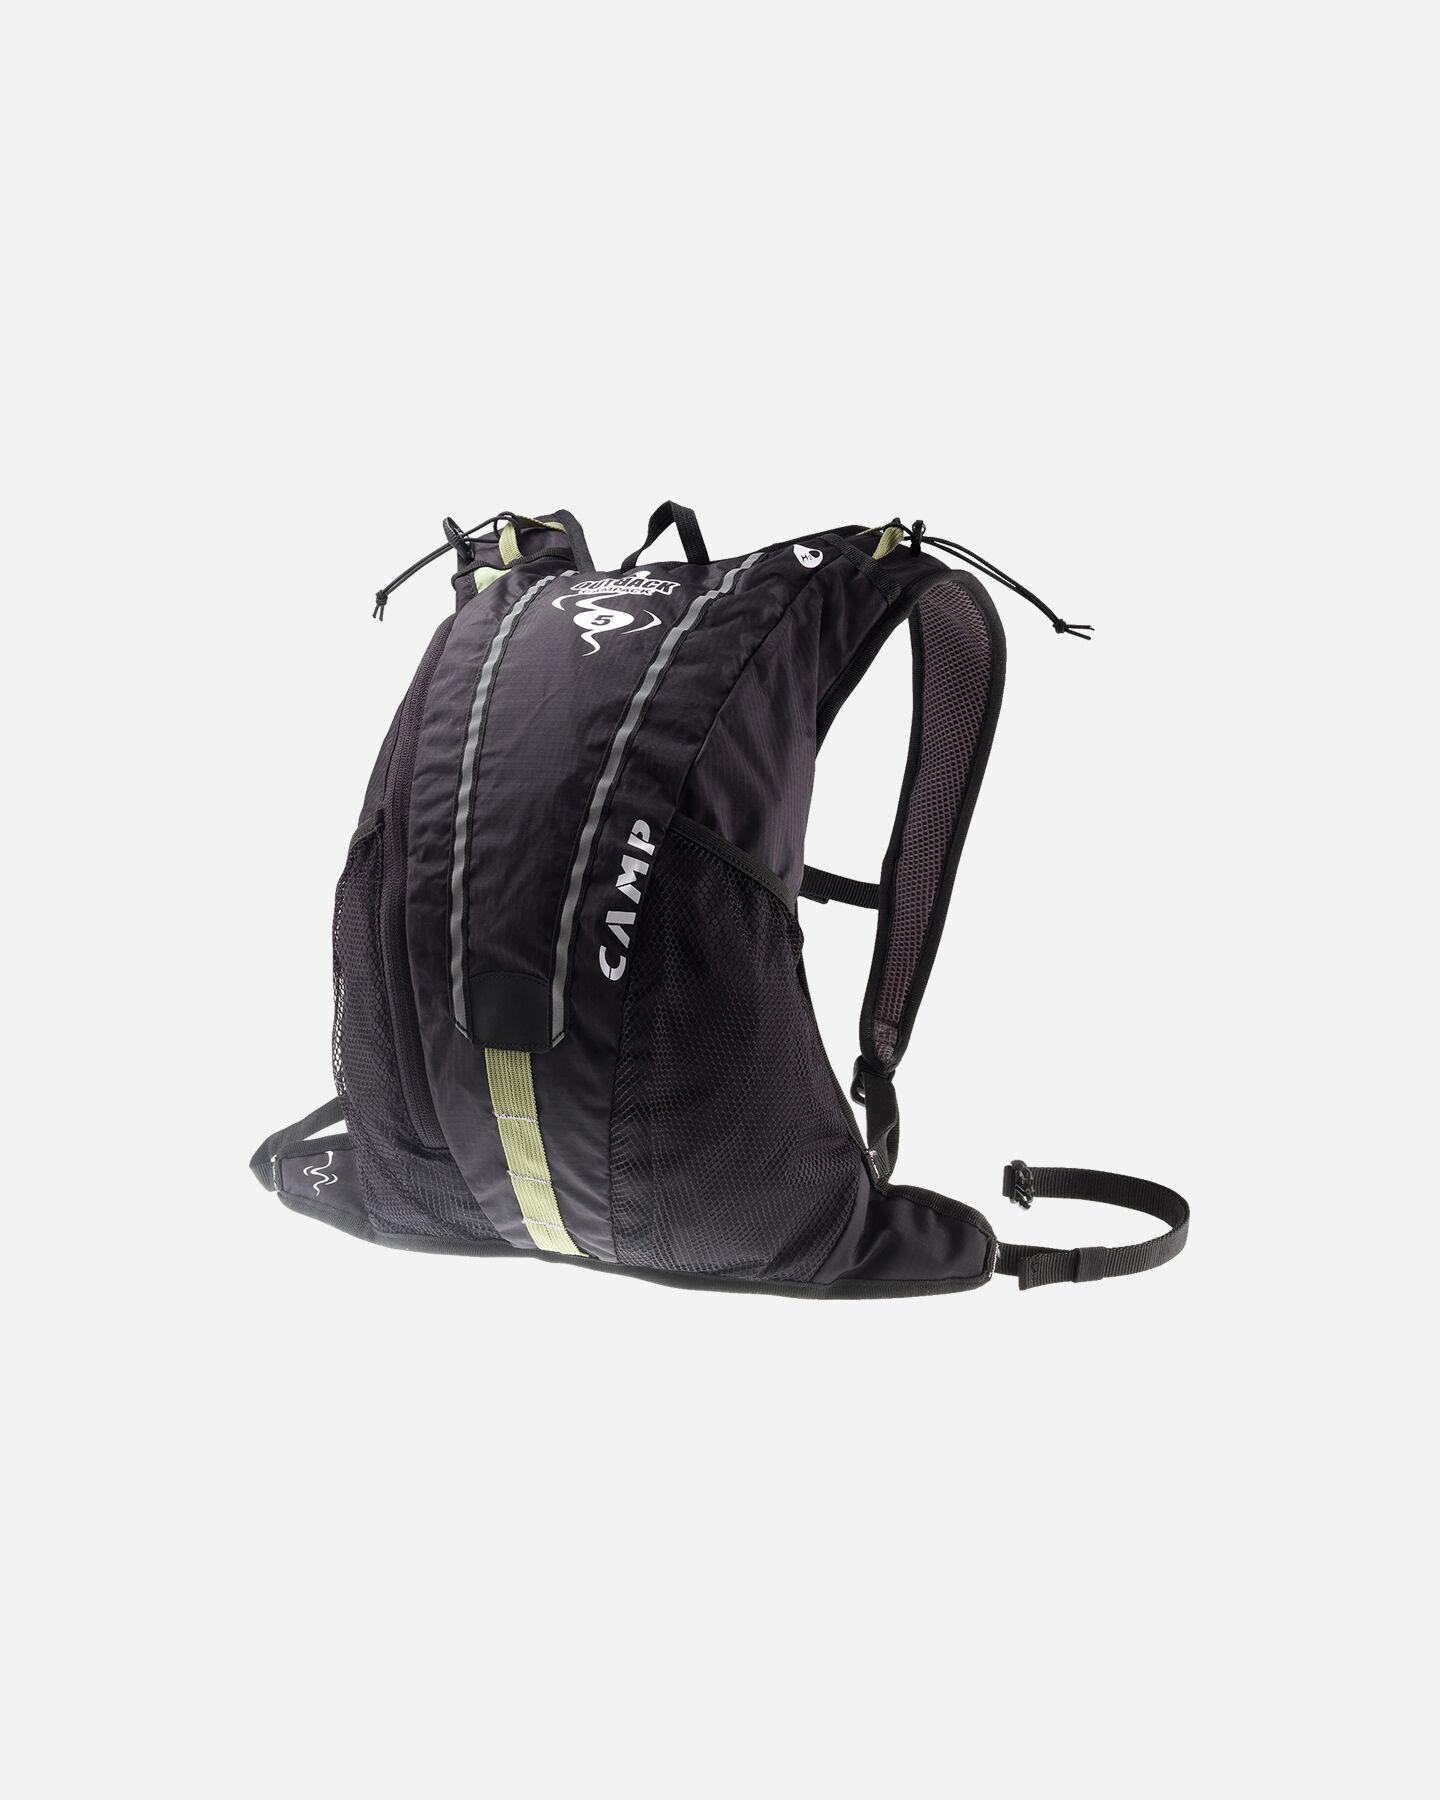 Zaino alpinismo CAMP OUTBACK 5 S1192346|1|UNI scatto 0